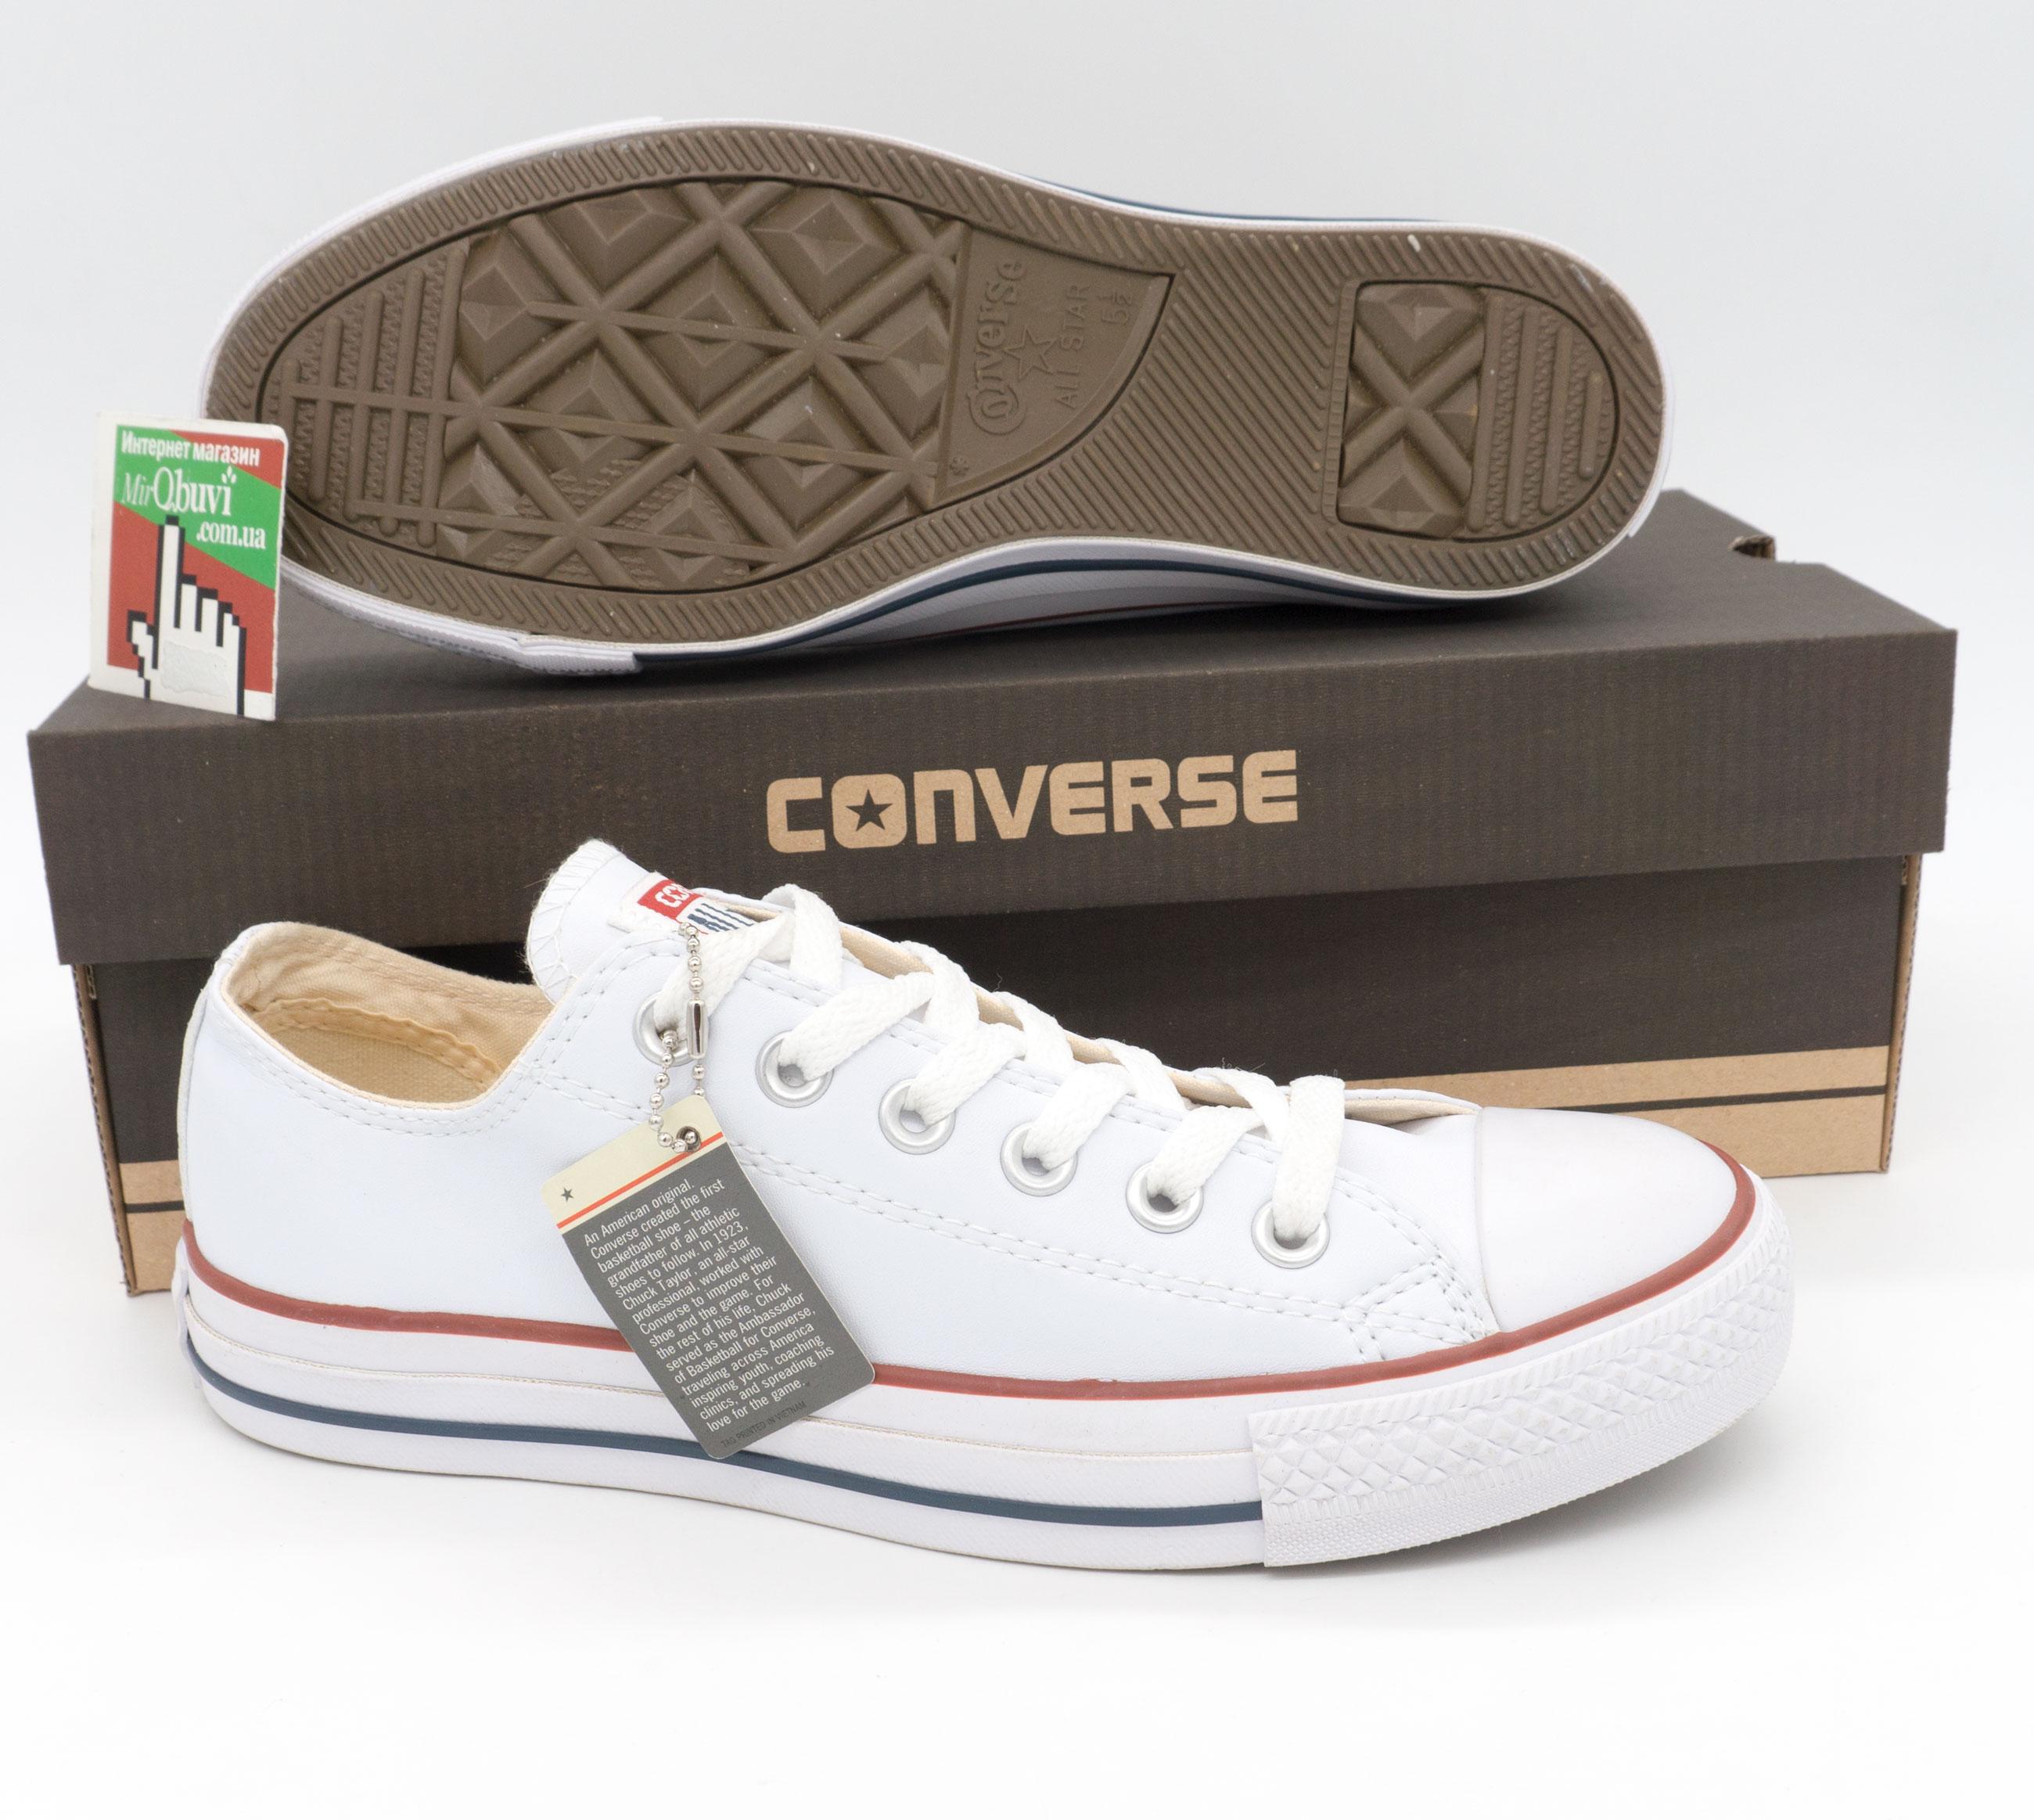 фото bottom Кеды Converse кожаные низкие белые bottom